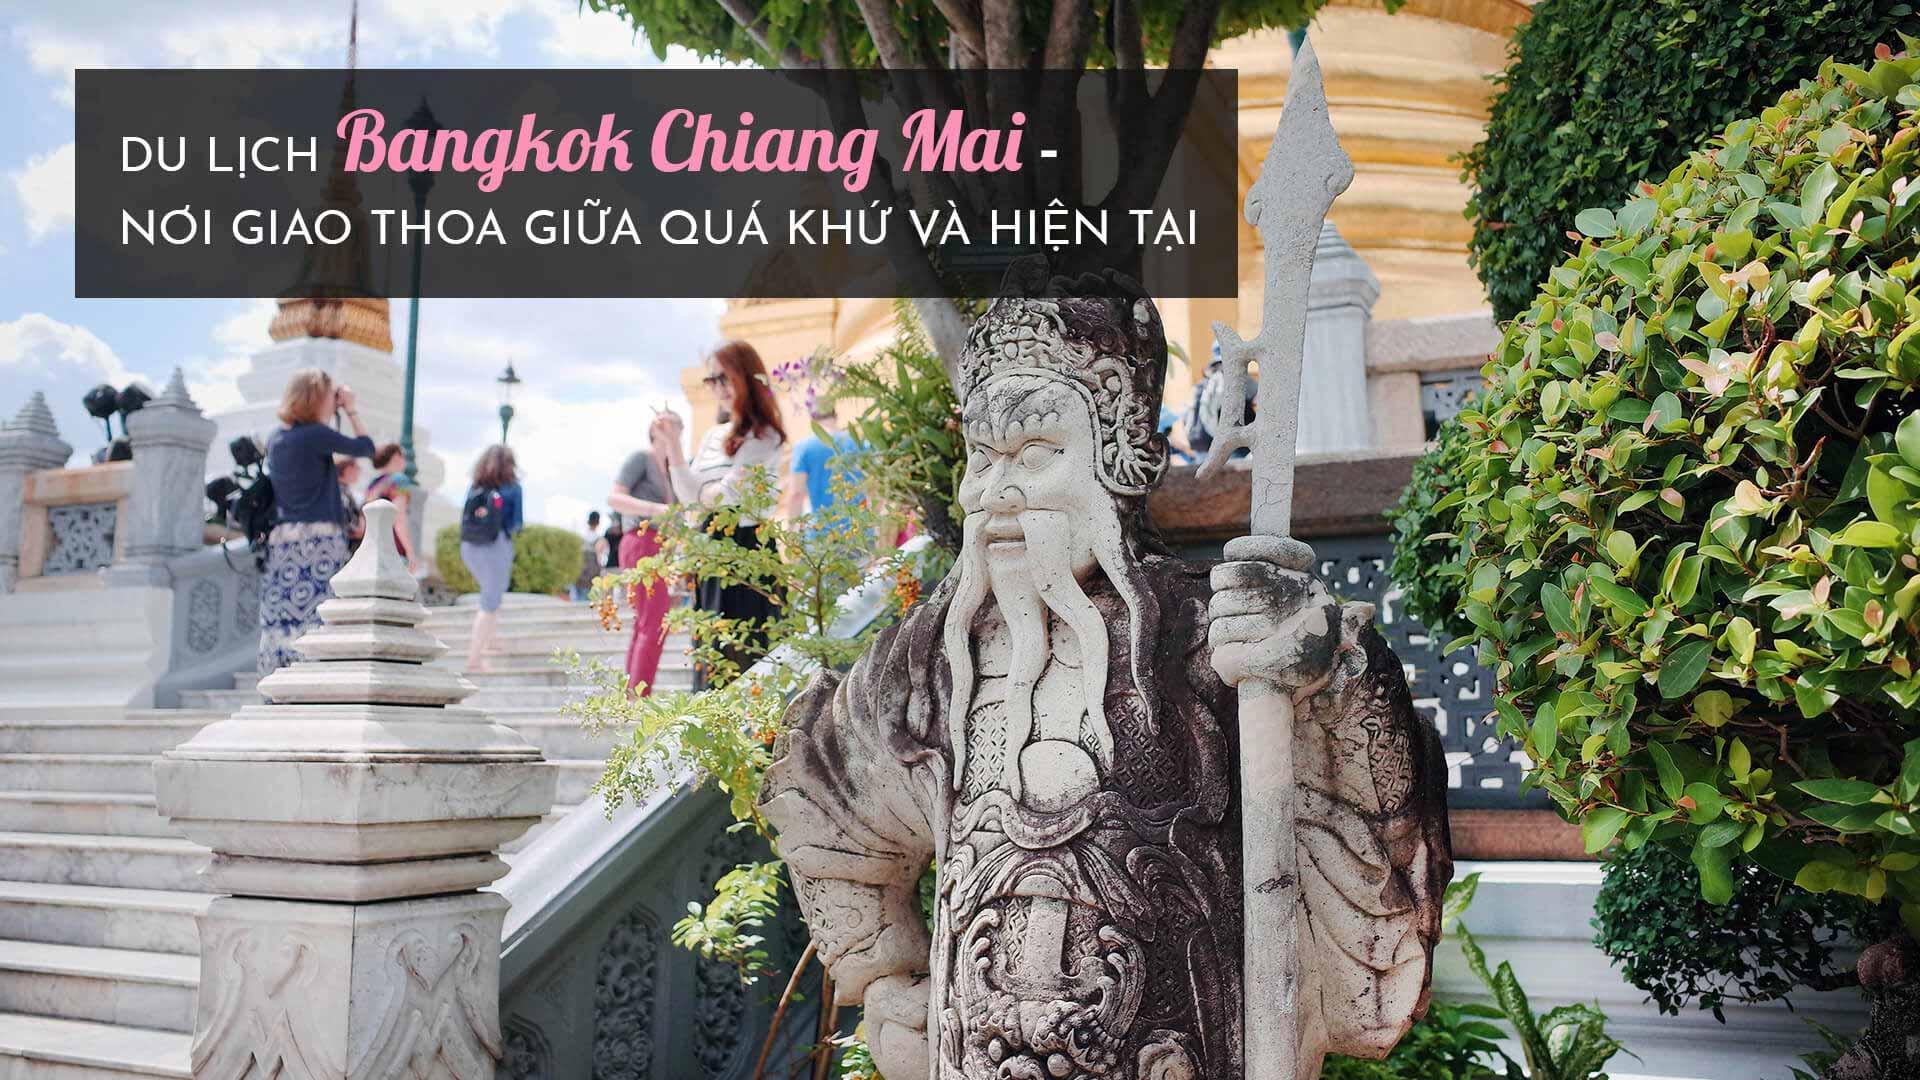 Du lịch Bangkok Chiang Mai - nơi giao thoa giữa quá khứ và hiện tại